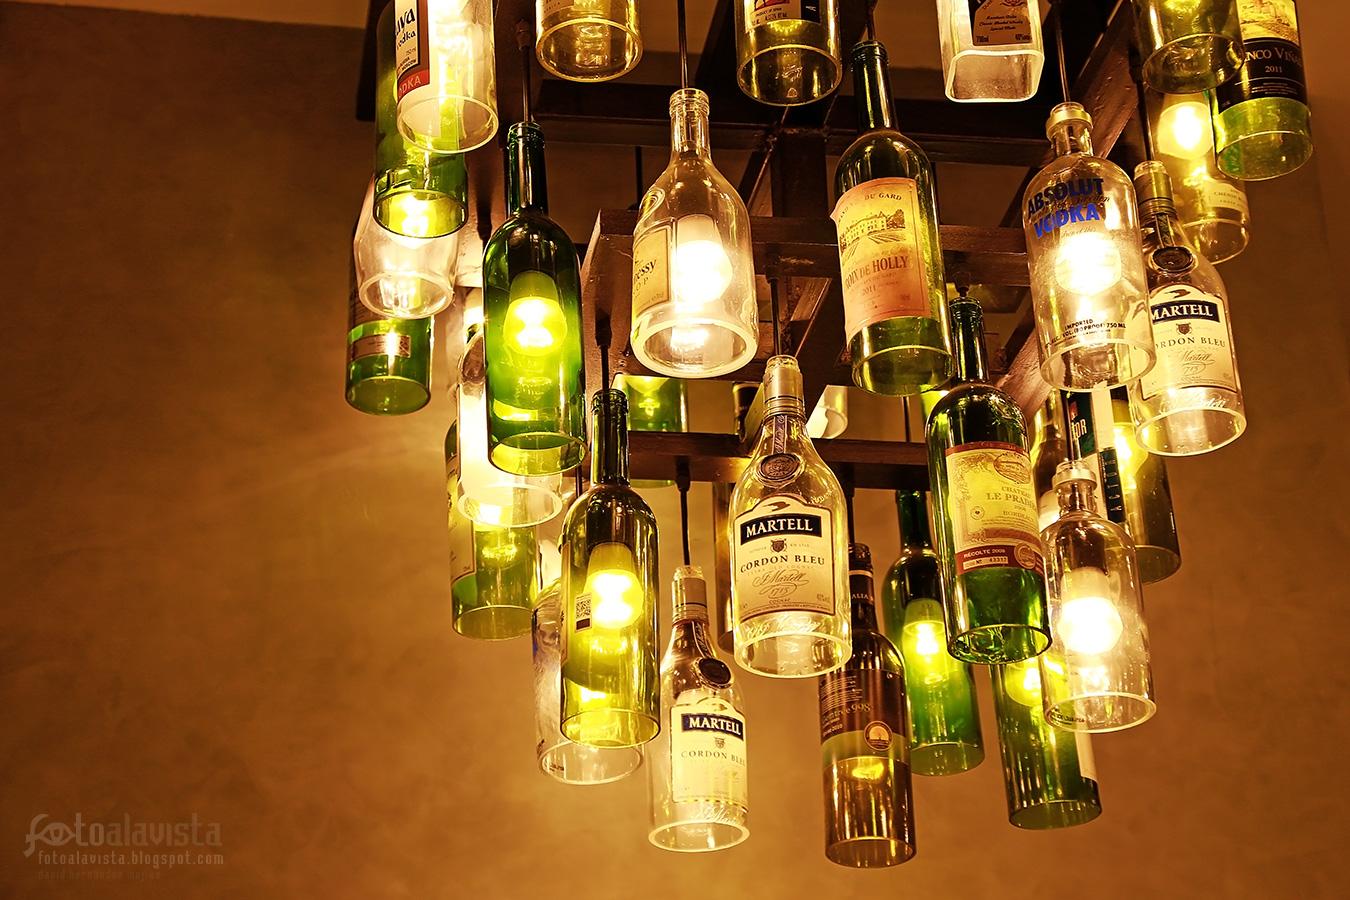 Luz embotellada - Fotografía